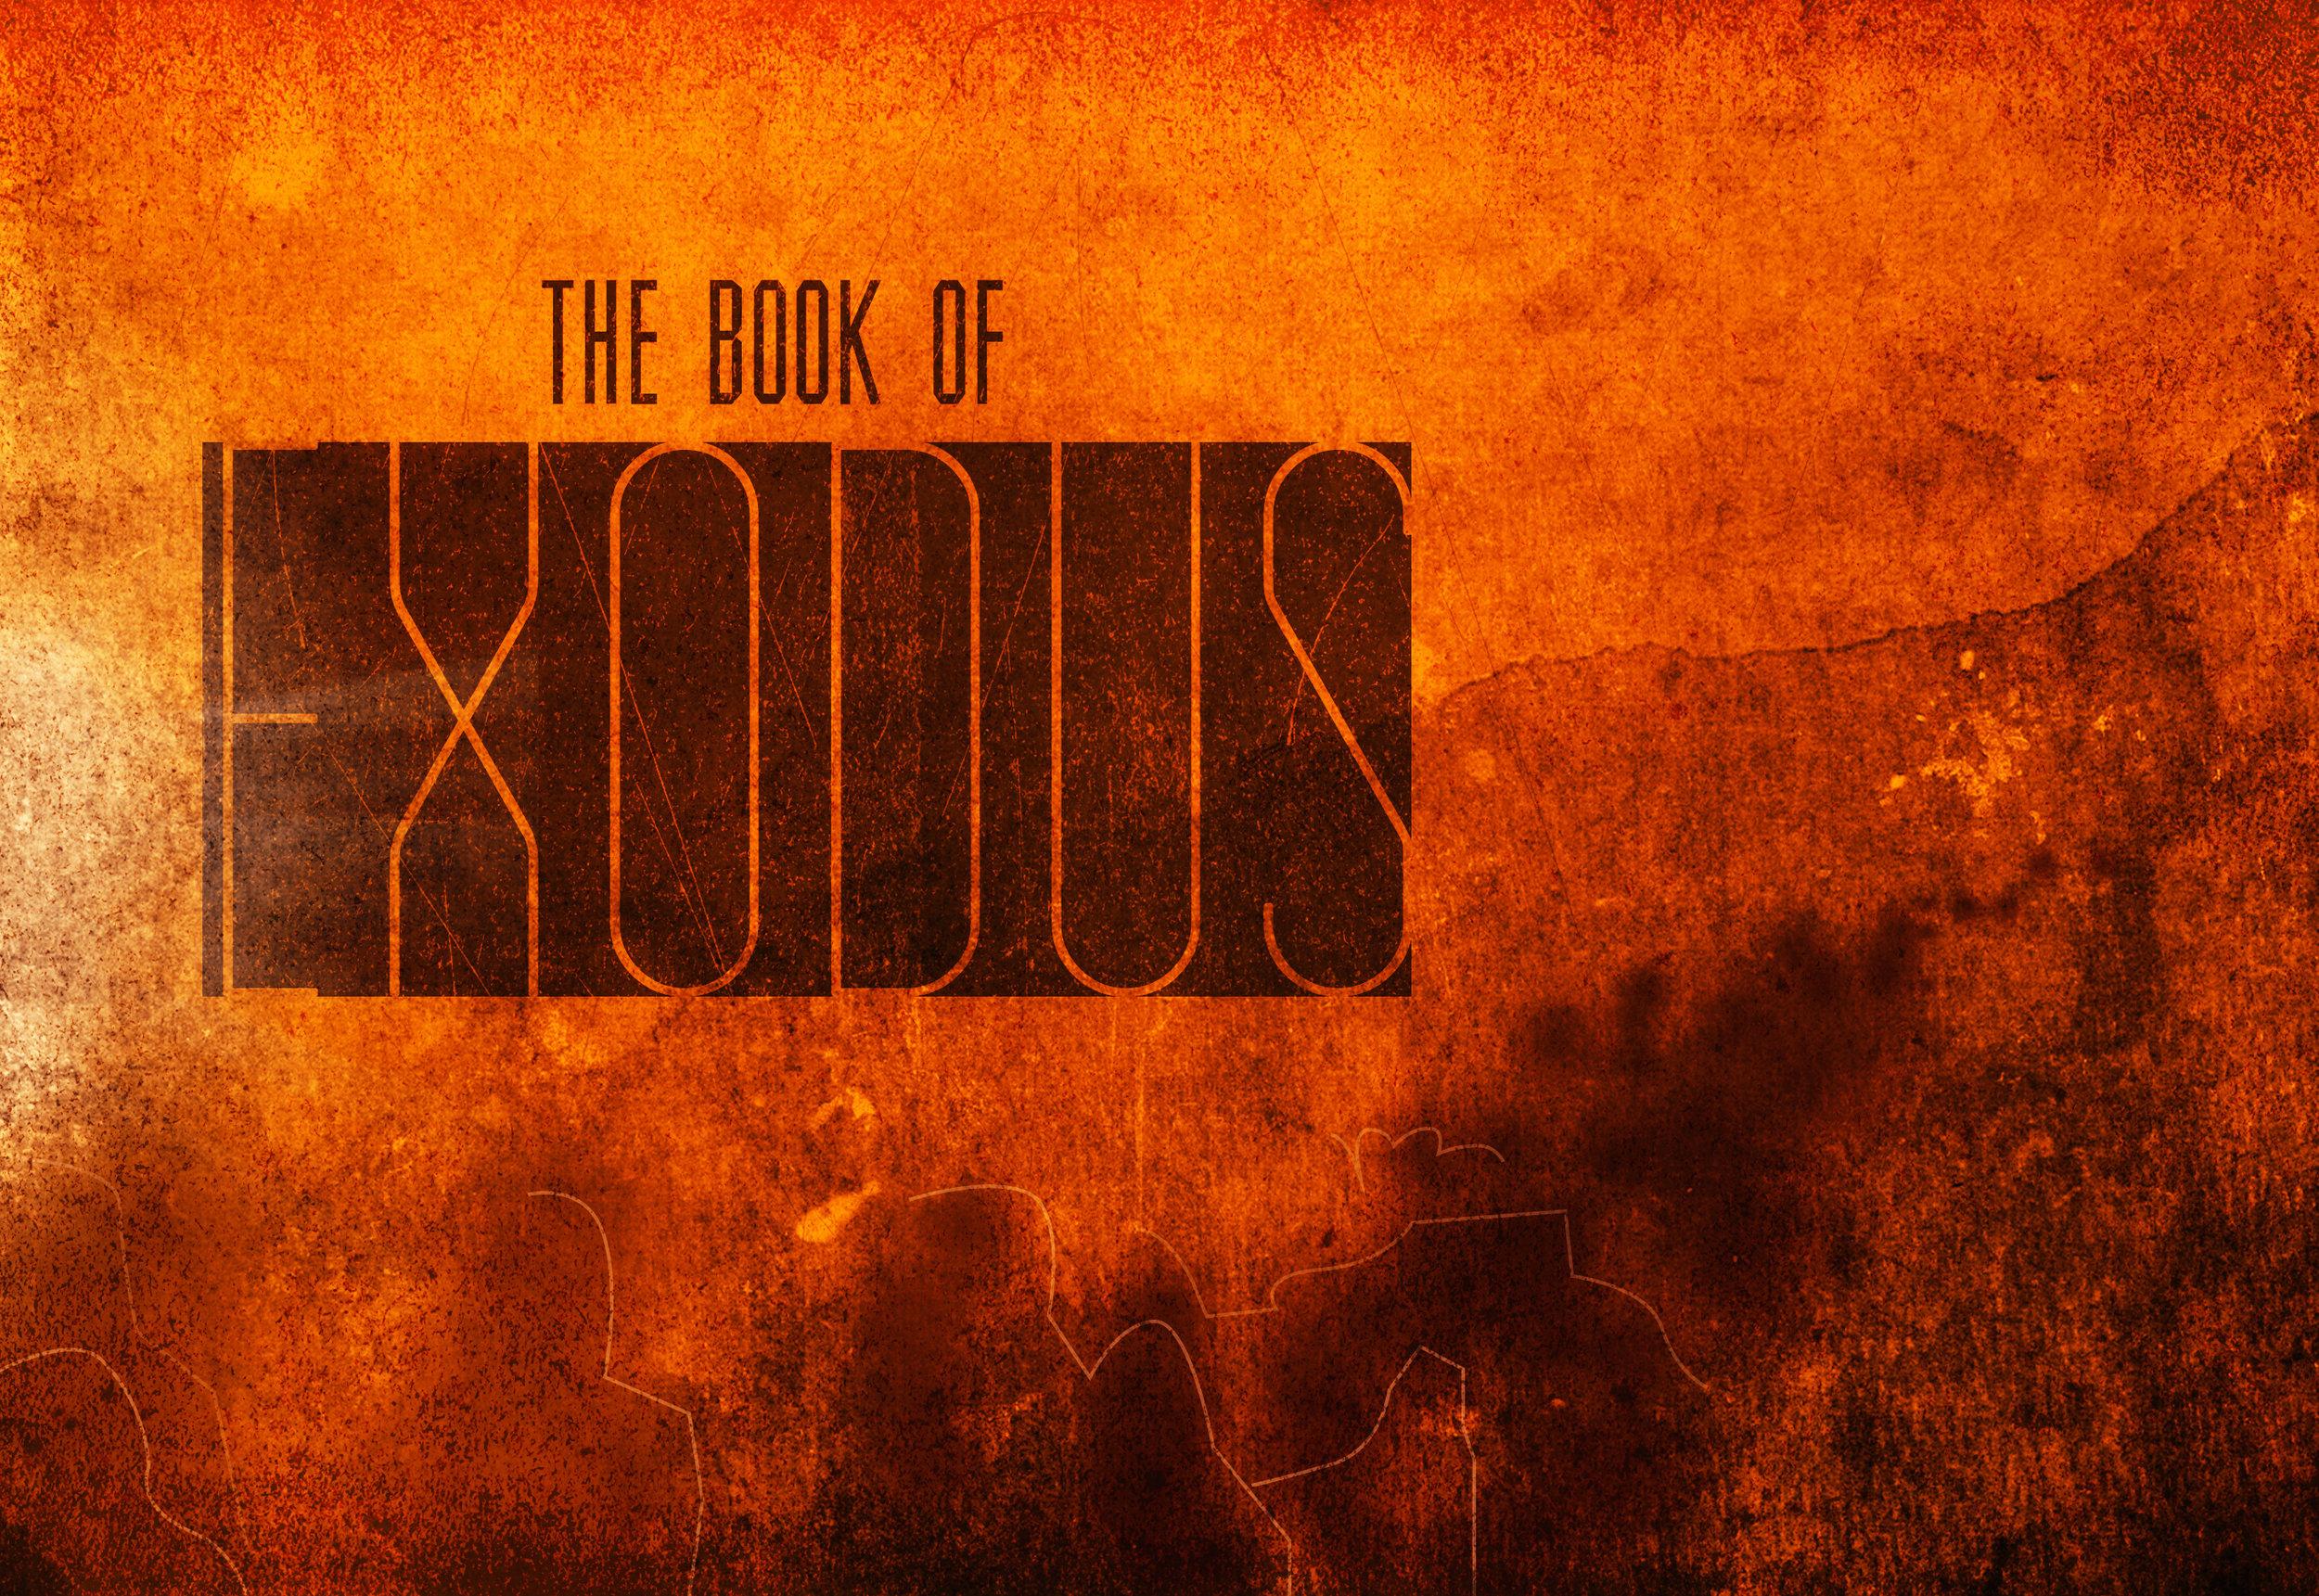 35446_Exodus.jpg